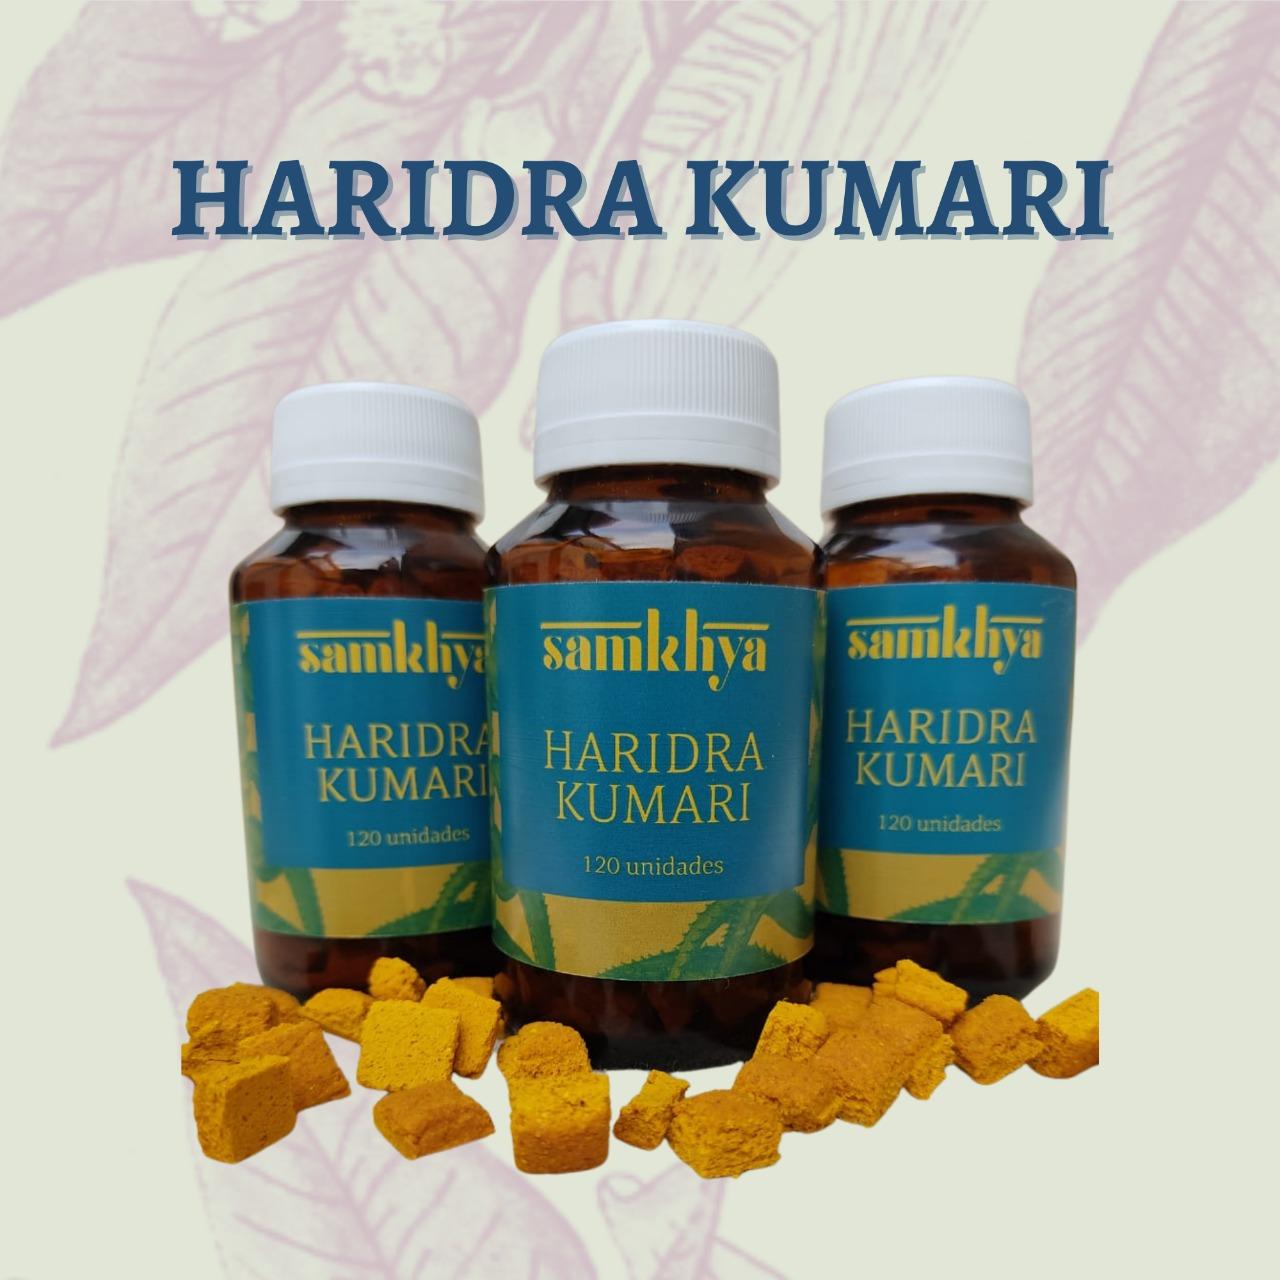 KIT com 3 frascos de Haridra Kumari